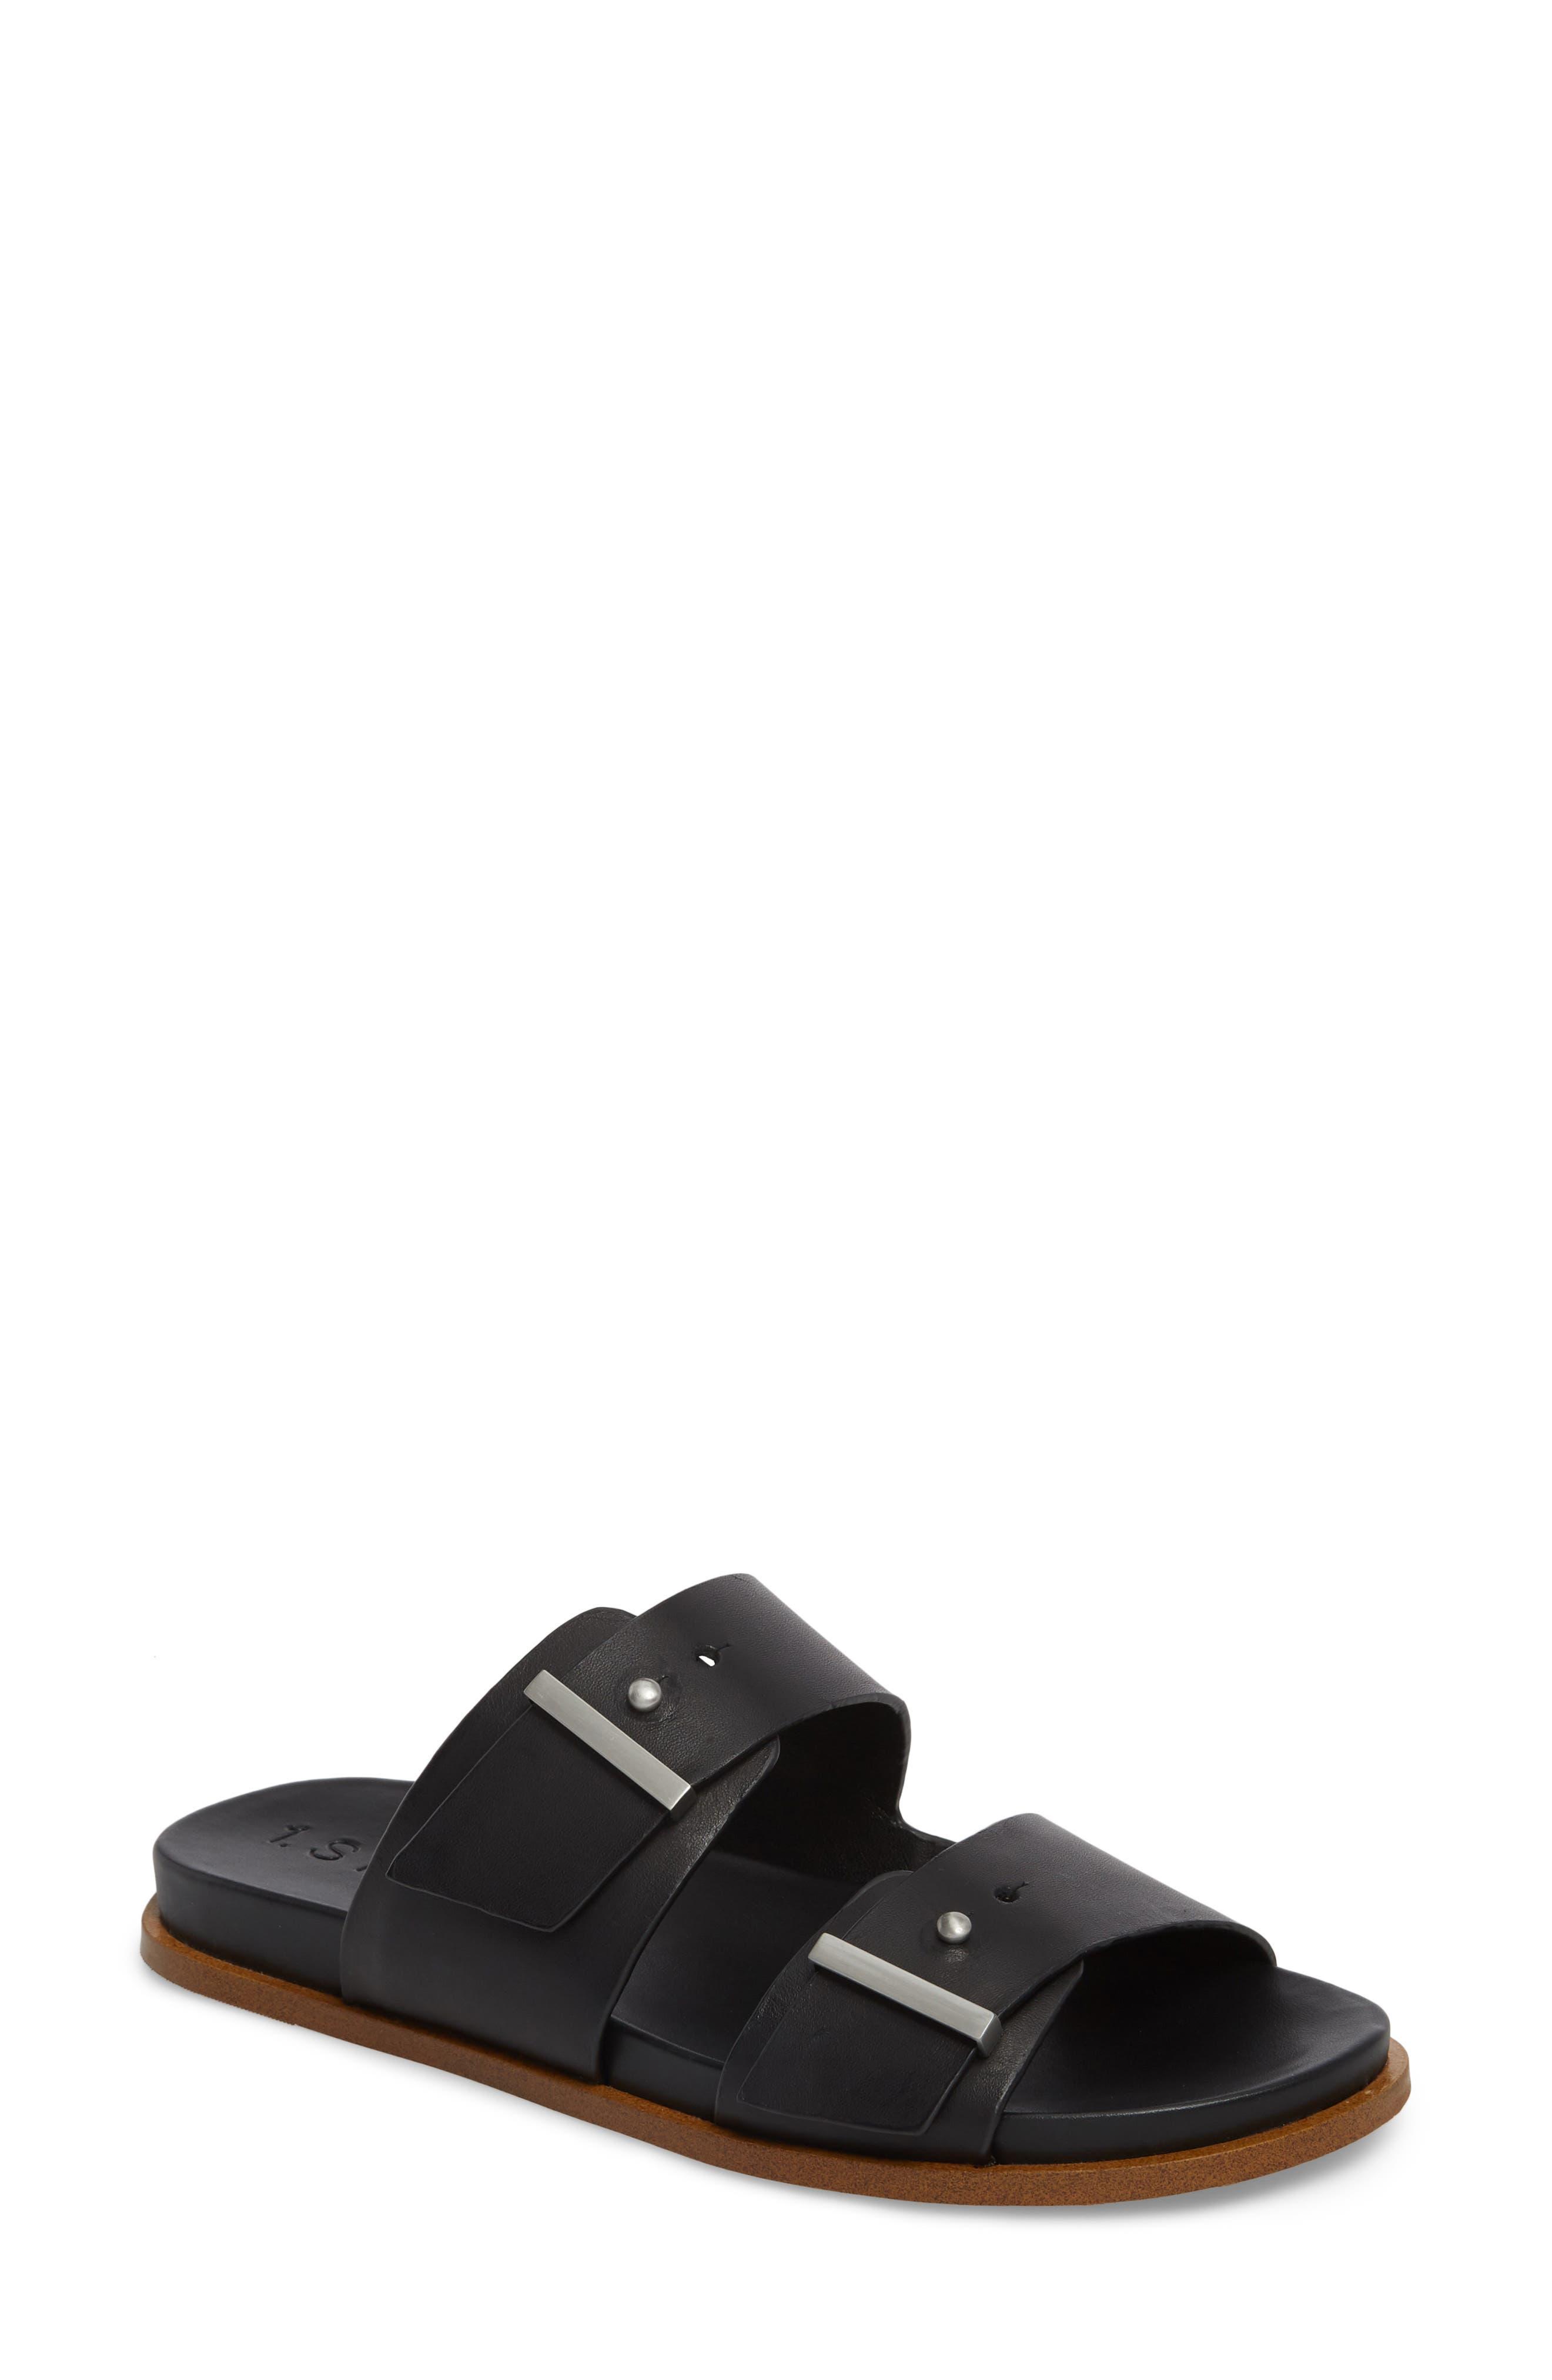 Ocel Sandal, Main, color, 001